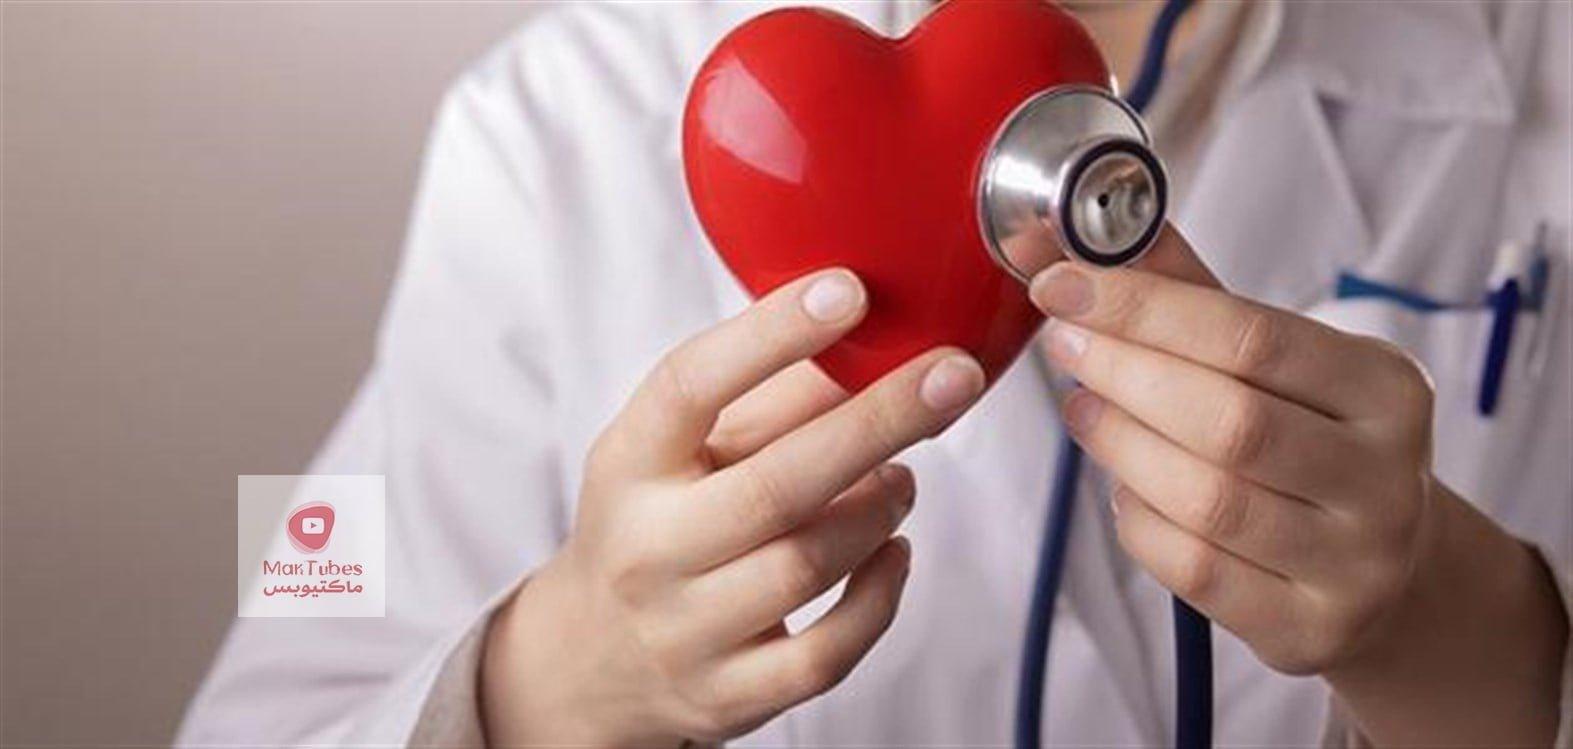 خفقان القلب | أسباب سرعة نبضات القلب | طرق علاج سرعة نبضات القلب